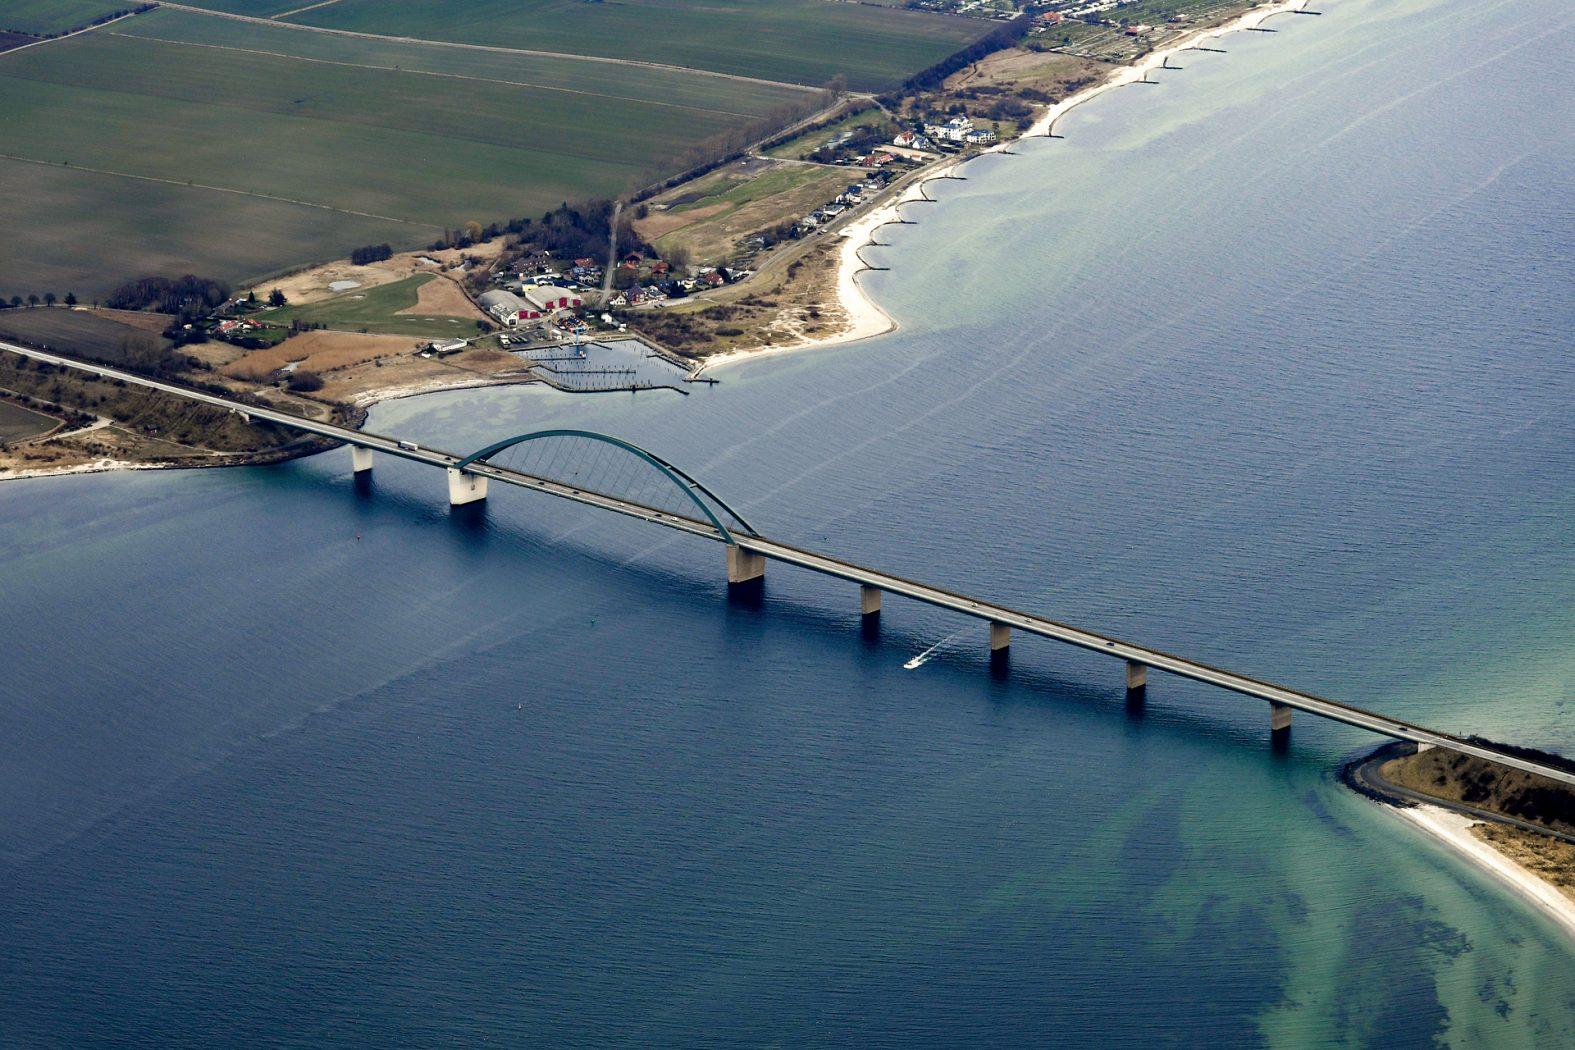 Angeln auf Fehmarn: Anfahrt über die Fehmarnsundbrücke